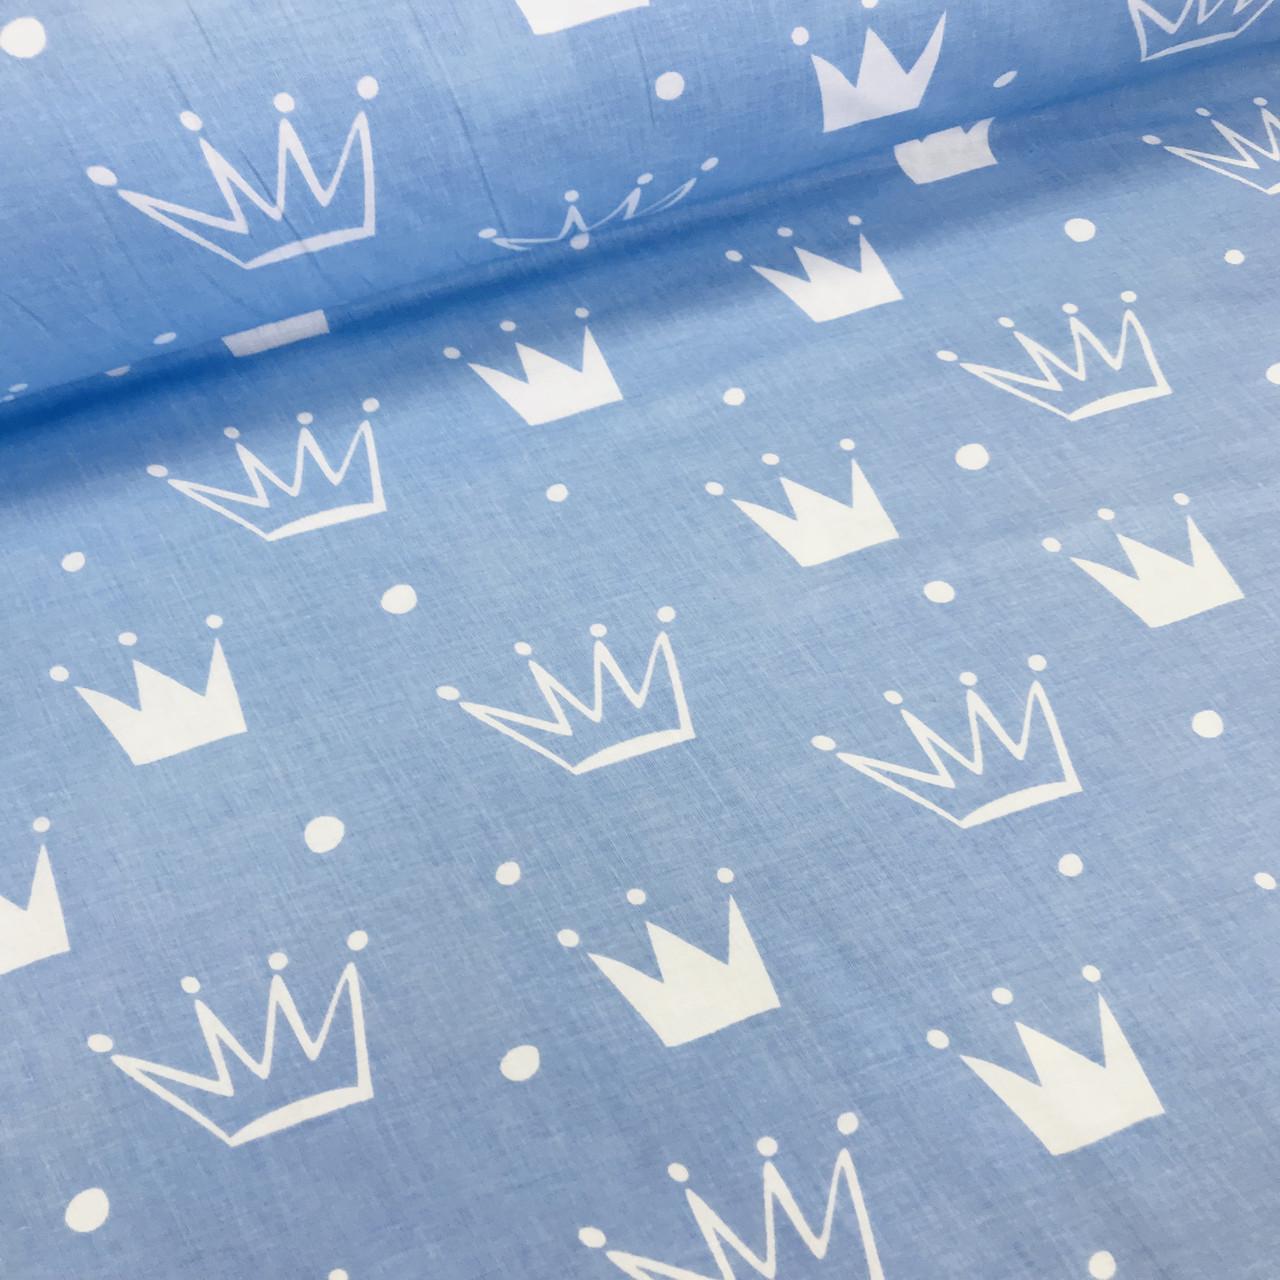 Хлопковая ткань бязь польская белые и голубые короны разного размера на голубом